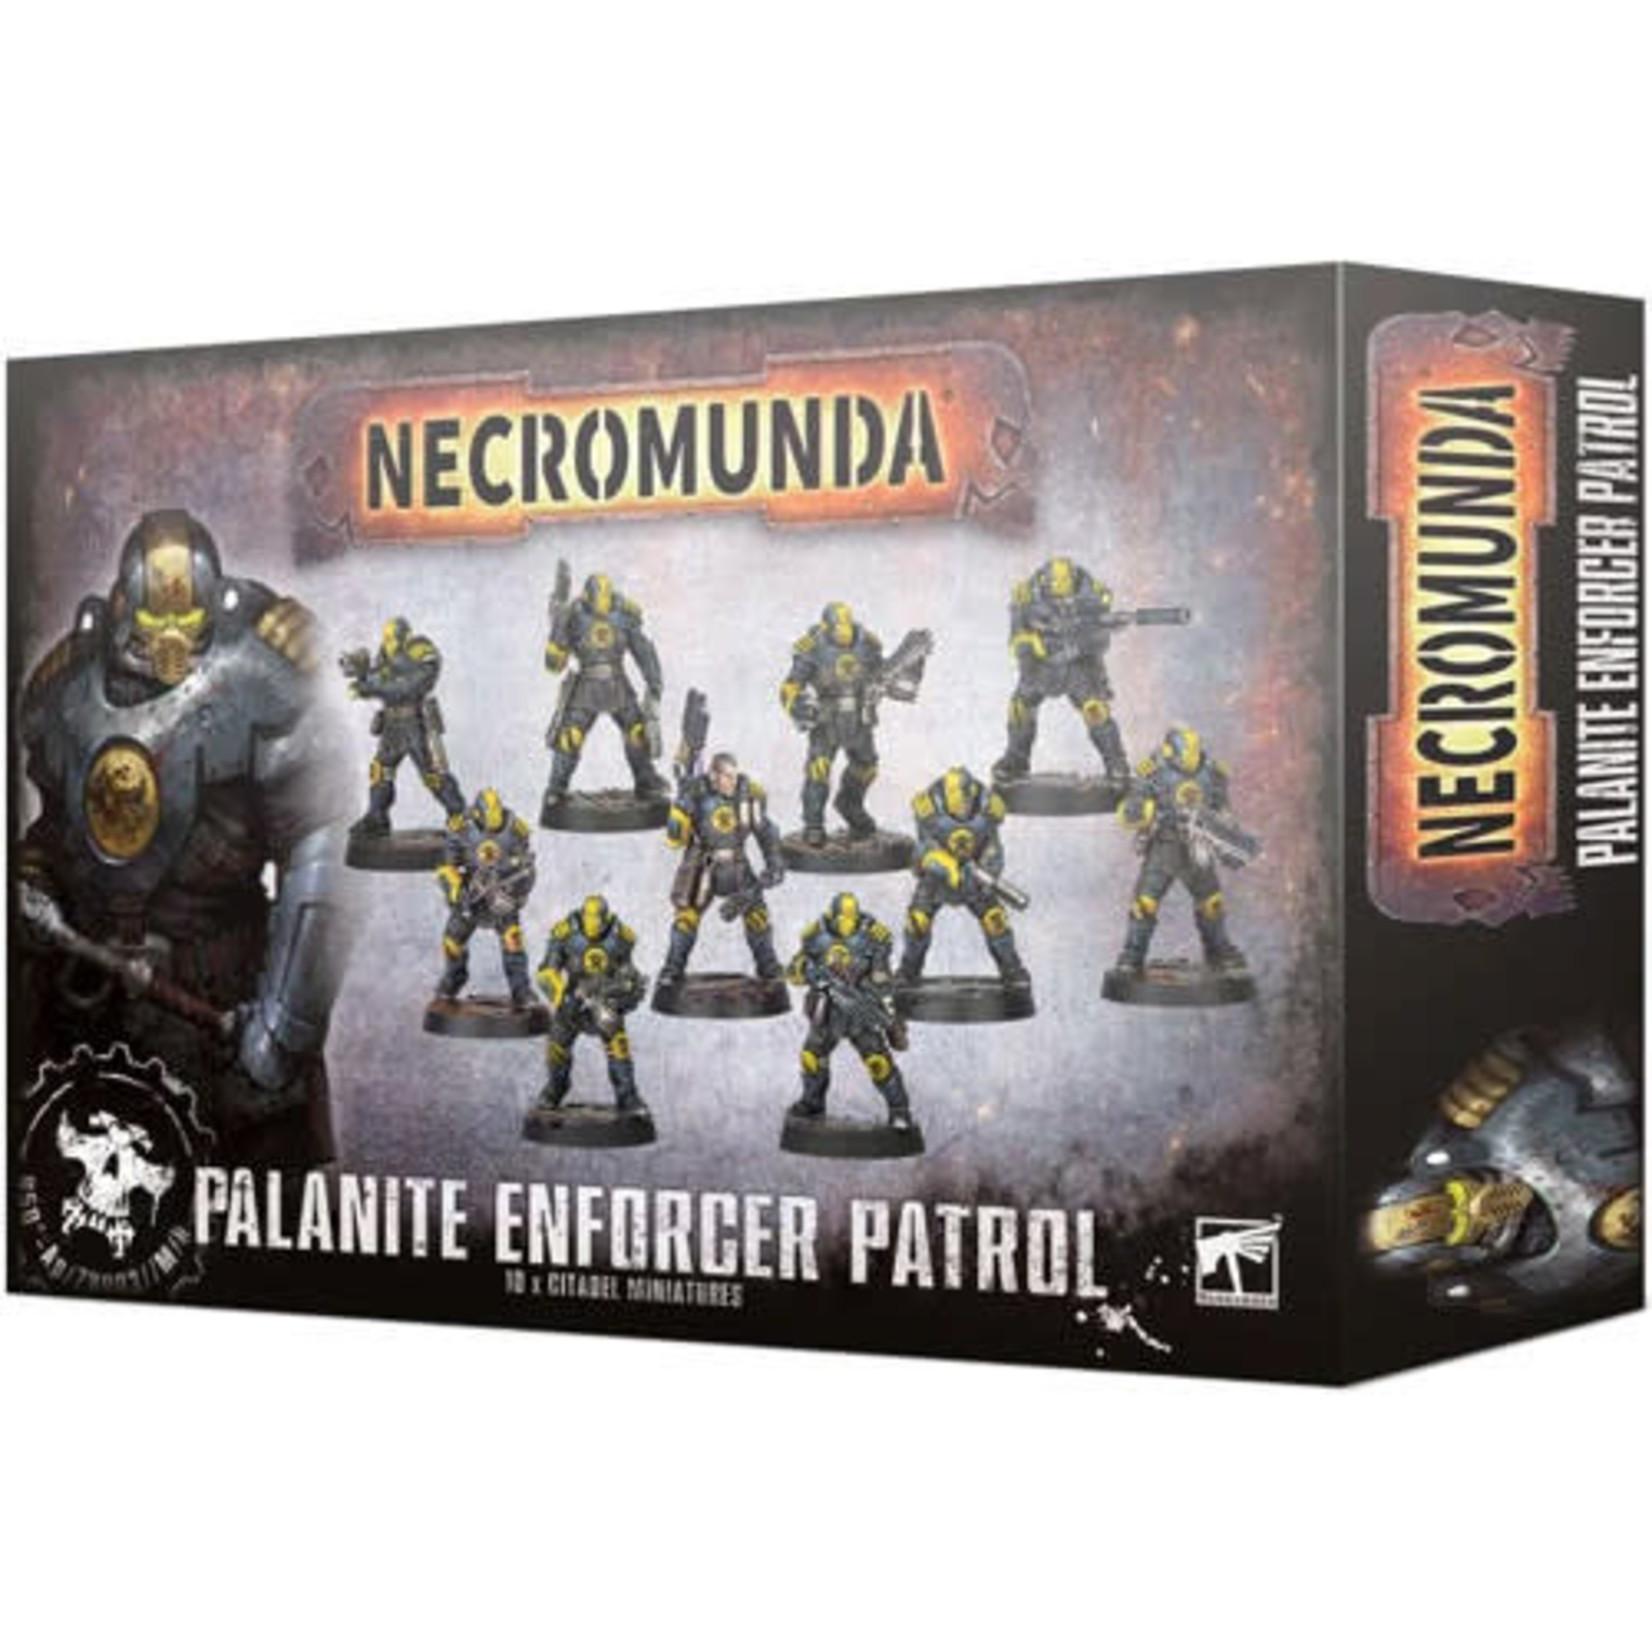 Games Workshop Necromunda Palanite Enforcer Patrol